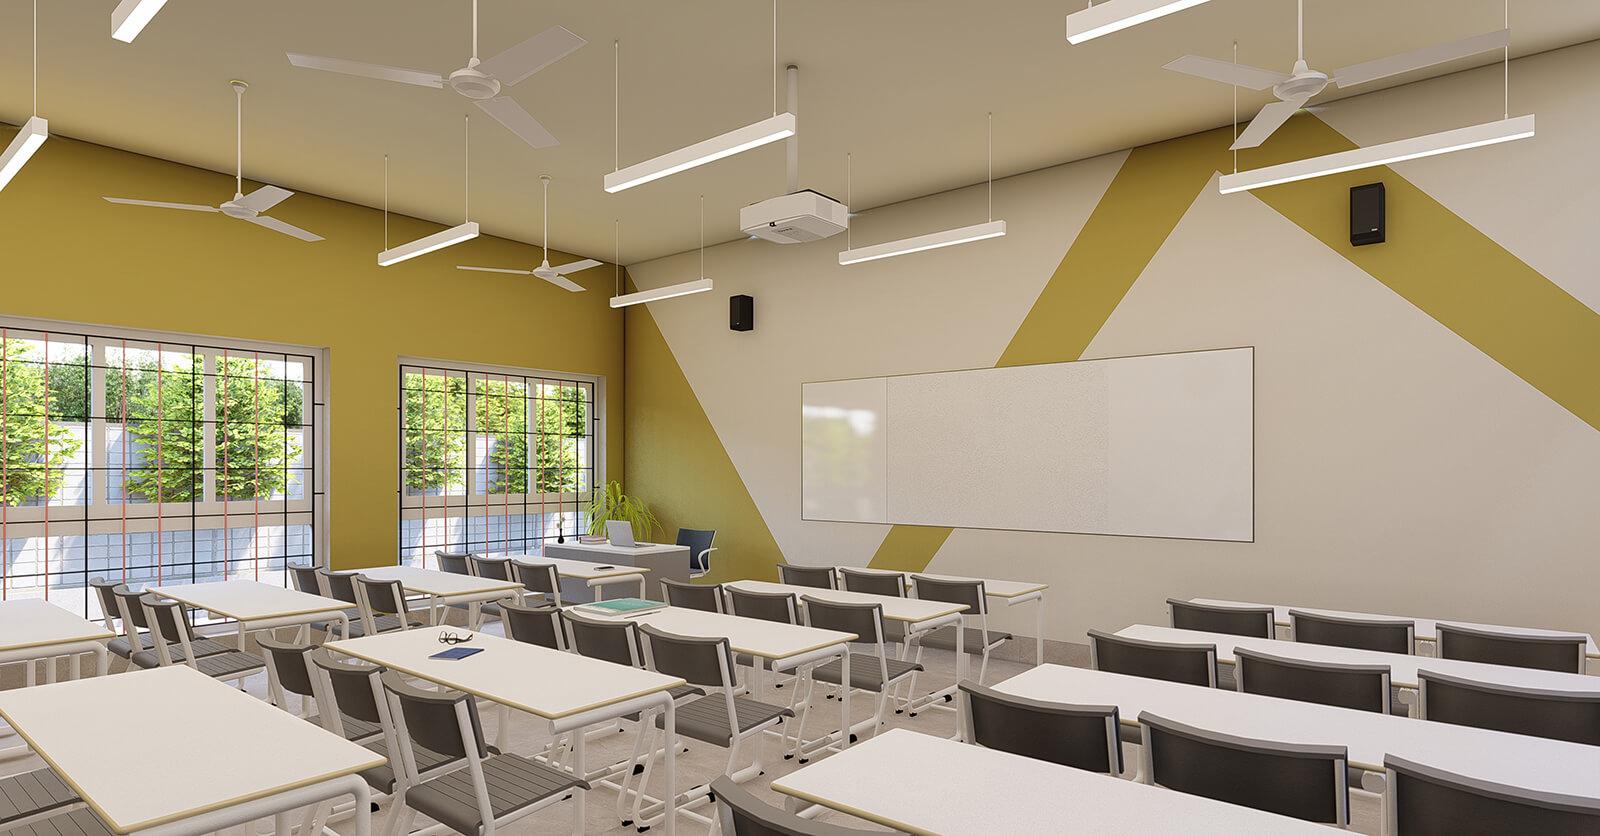 PRIMARY CLASS ROOM 2